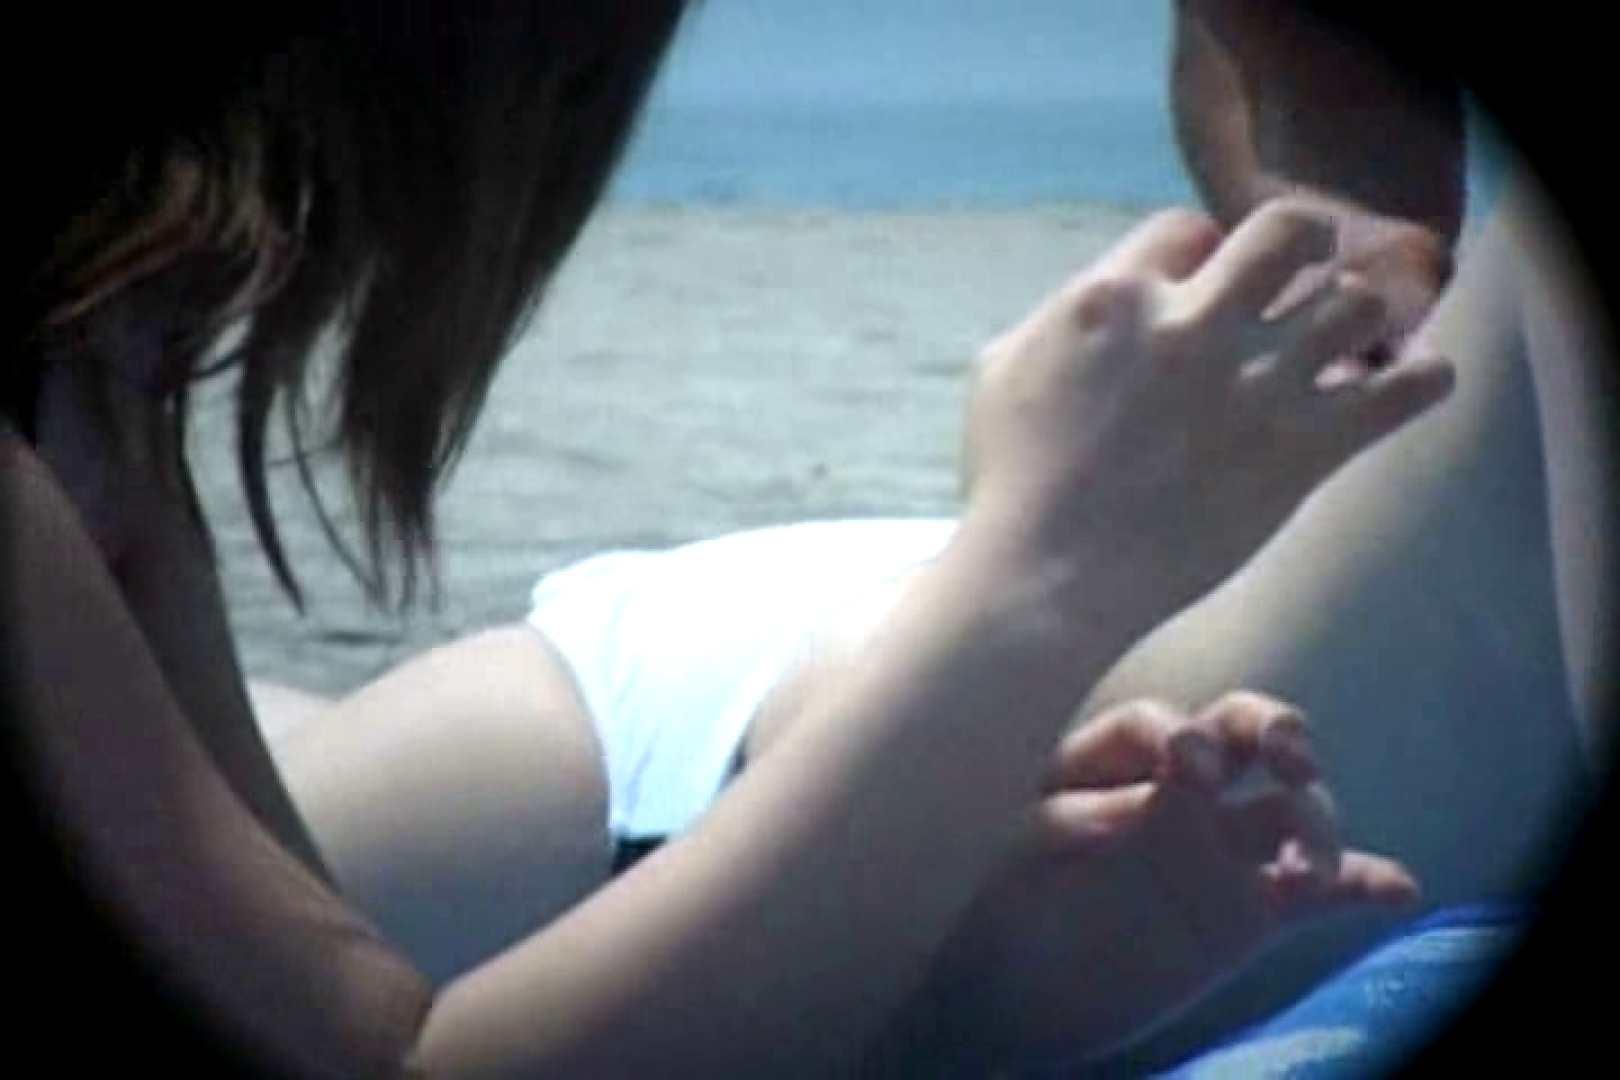 ビーチで発見!!はしゃぎ過ぎポロリギャルVol.2 水着娘 ワレメ無修正動画無料 109連発 38